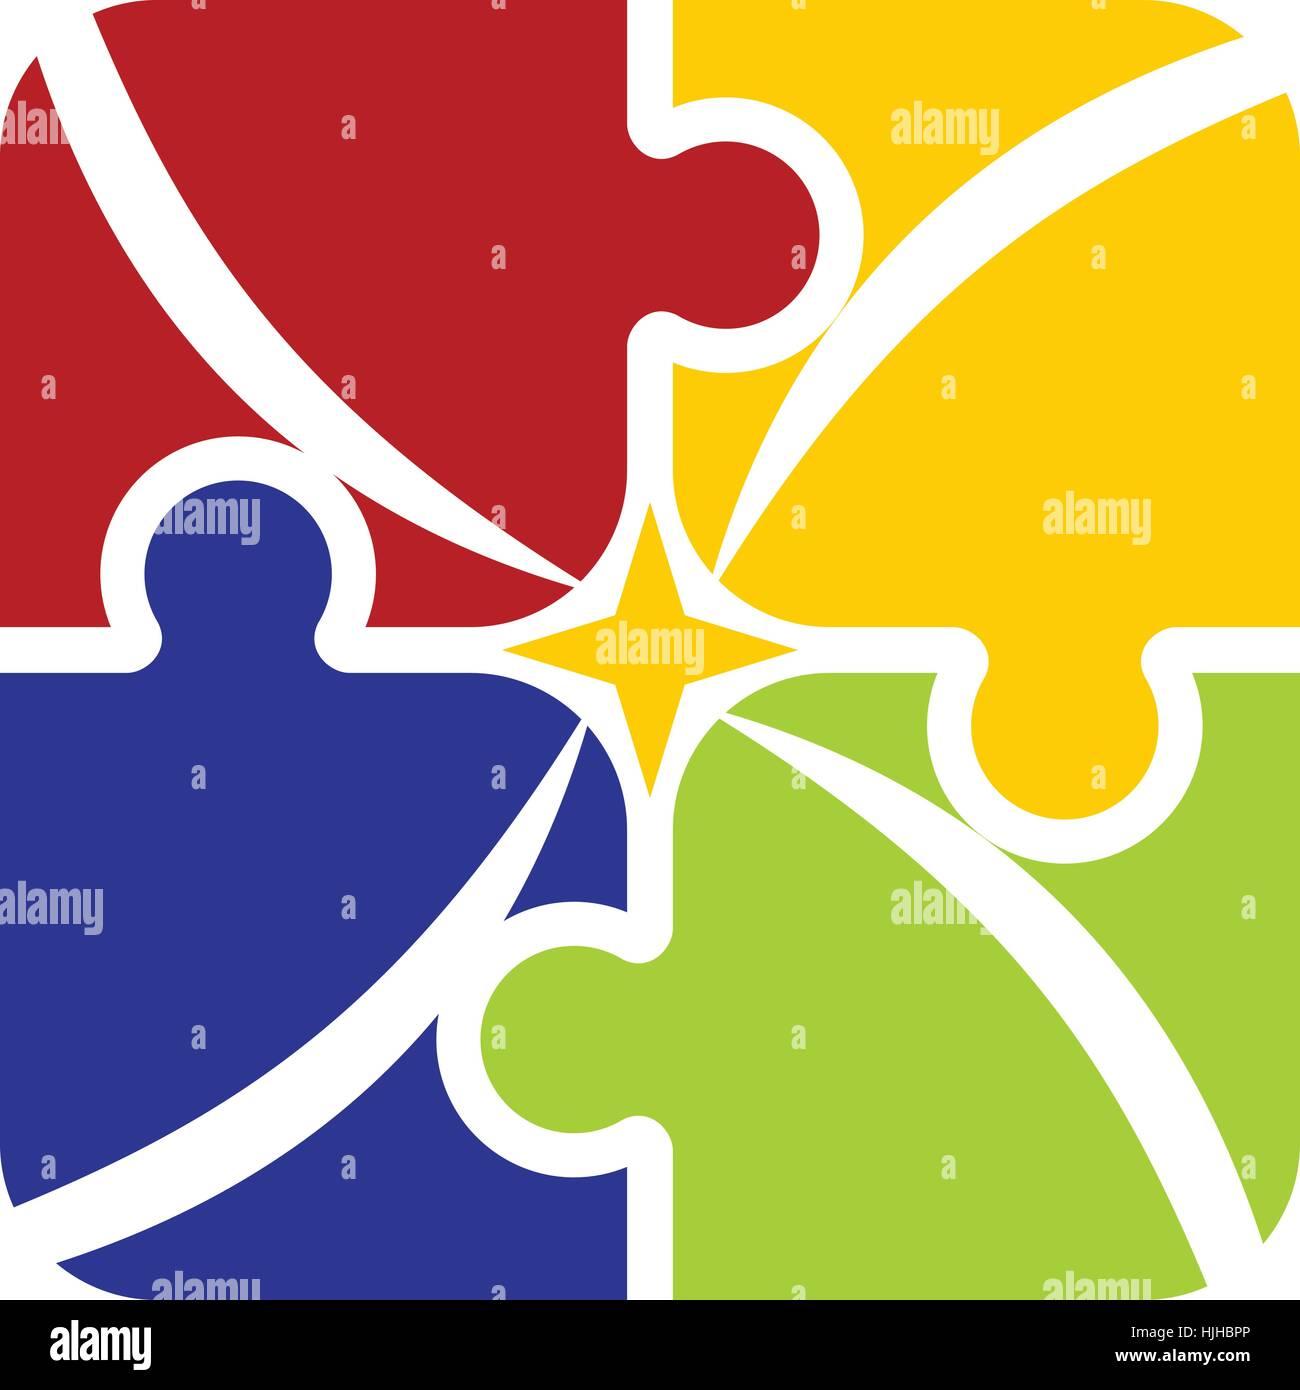 La sinergia del trabajo en equipo el éxito Imagen De Stock